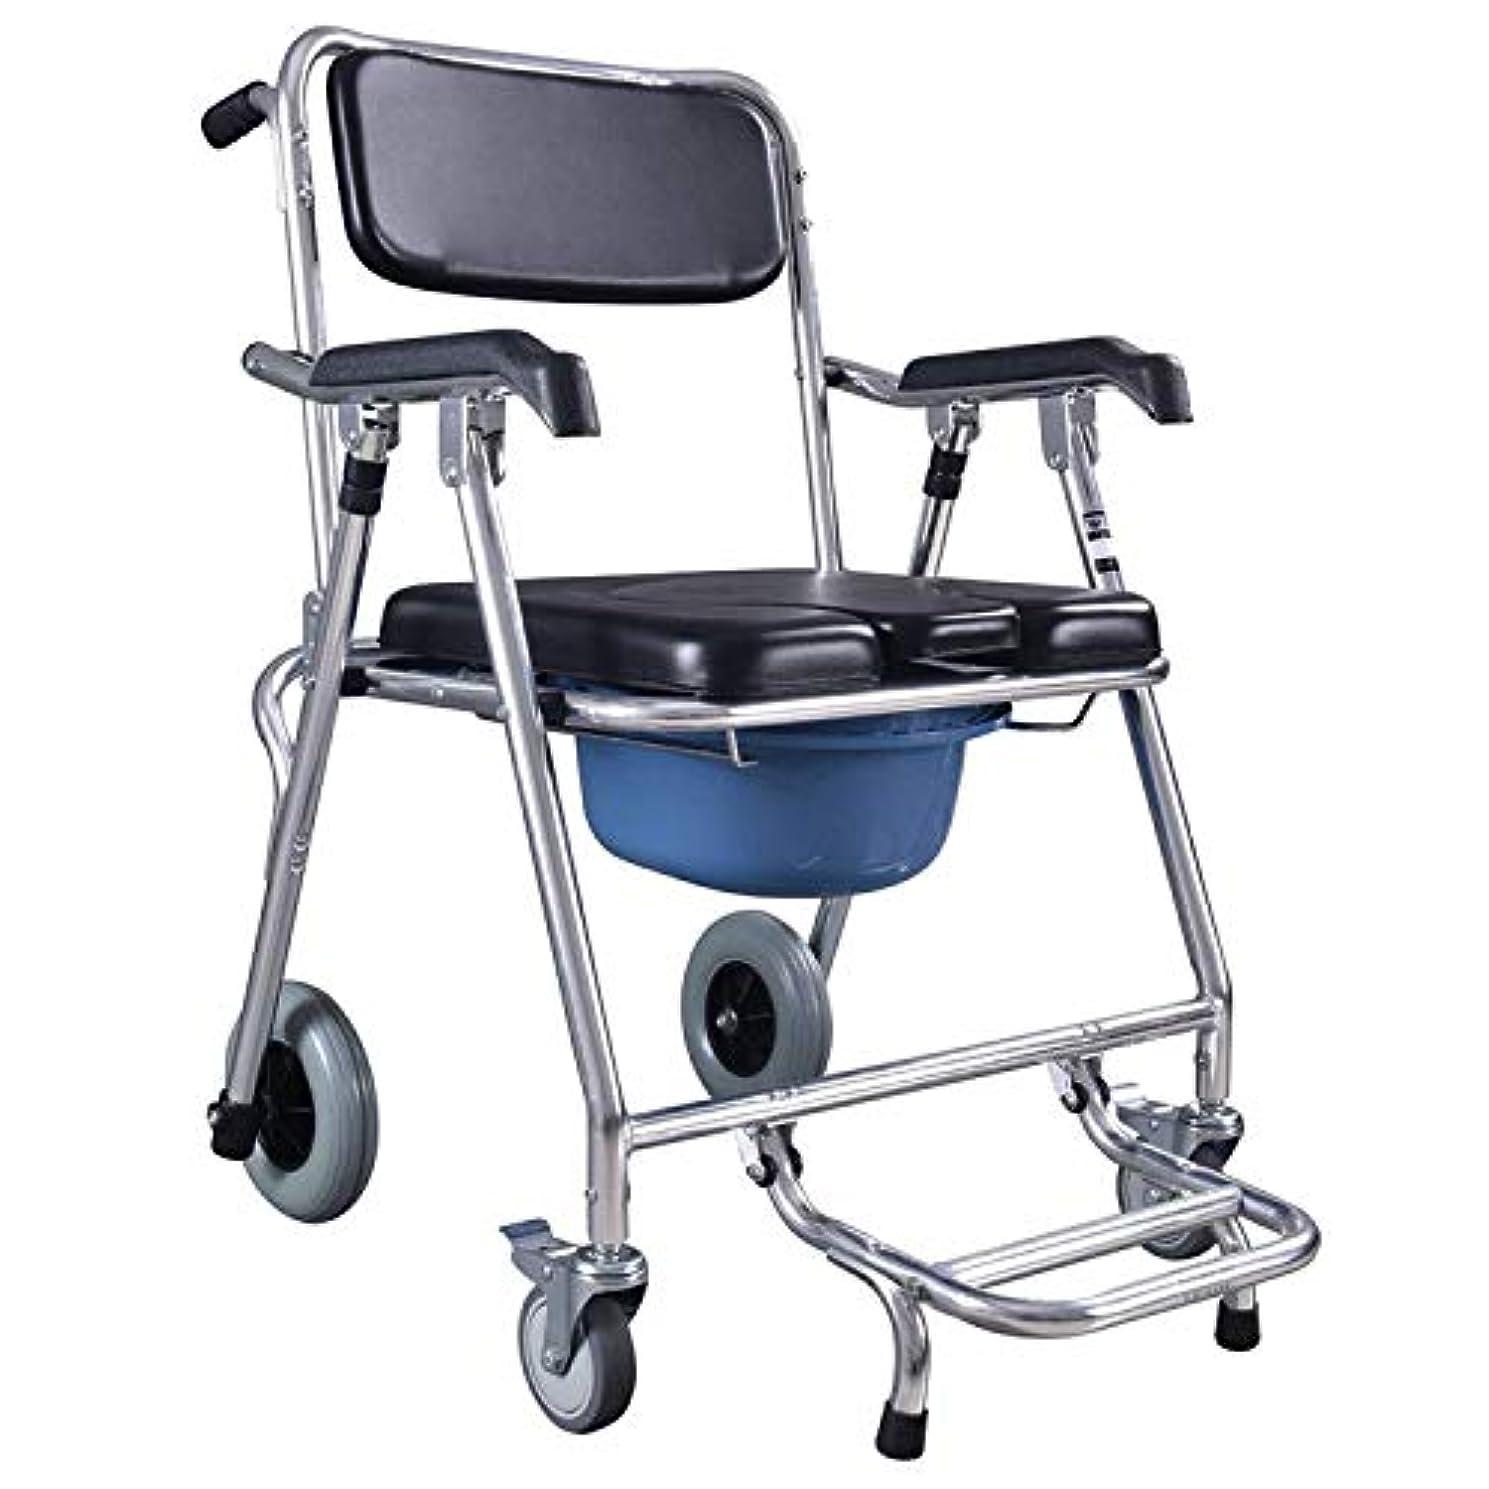 バルク不均一石化する老人車輪付き便器/トイレ椅子、パッド入りシートと背もたれ車椅子バスチェア付きブレーキ付きトイレシャワーチェア